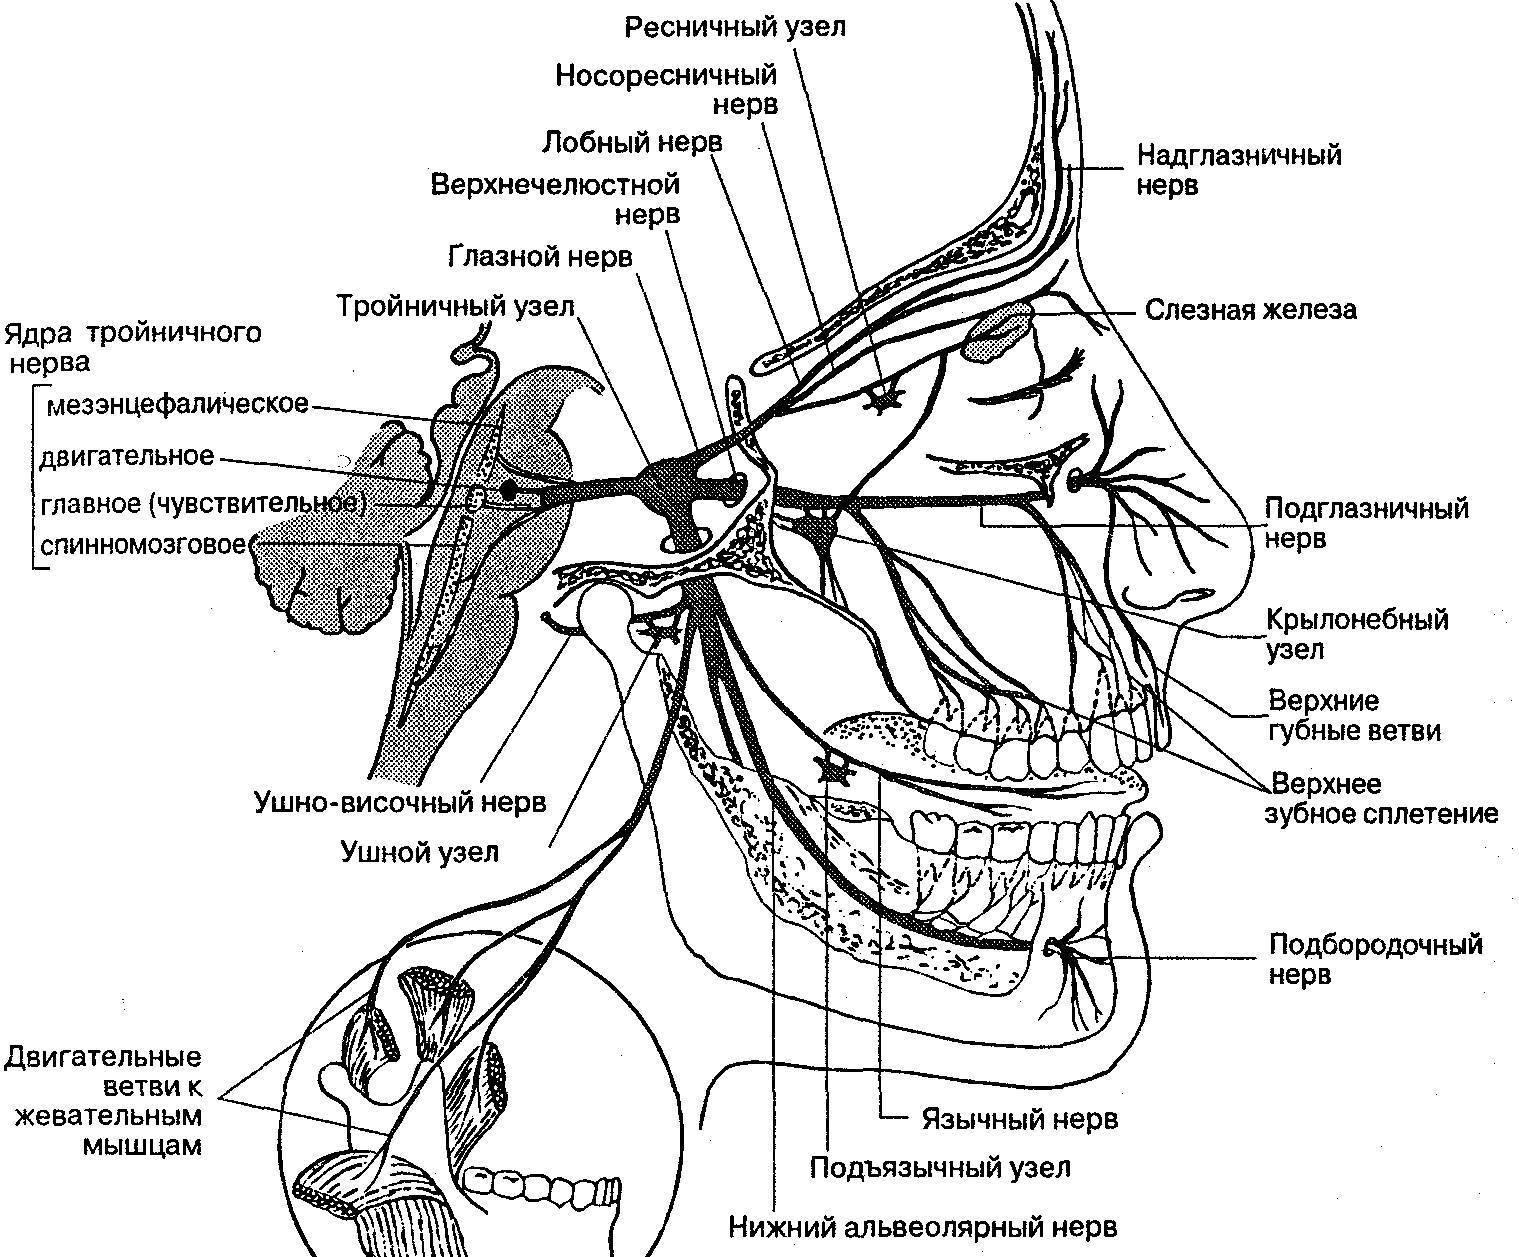 Межреберная невралгия (торакалгия): как проявляется и доступное лечение